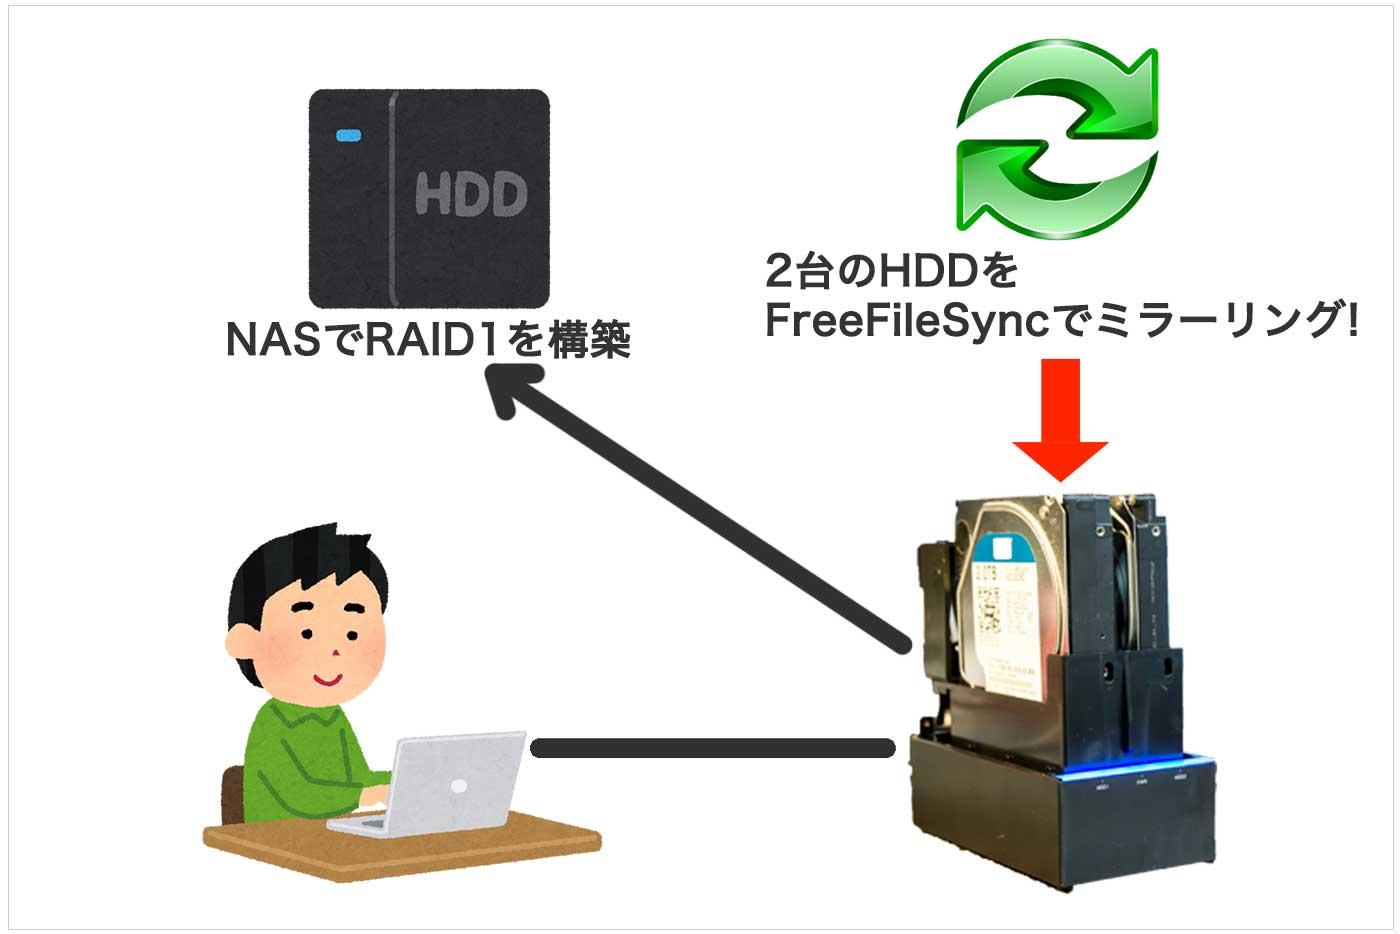 ノートPCと外付けHDDとNASの接続図